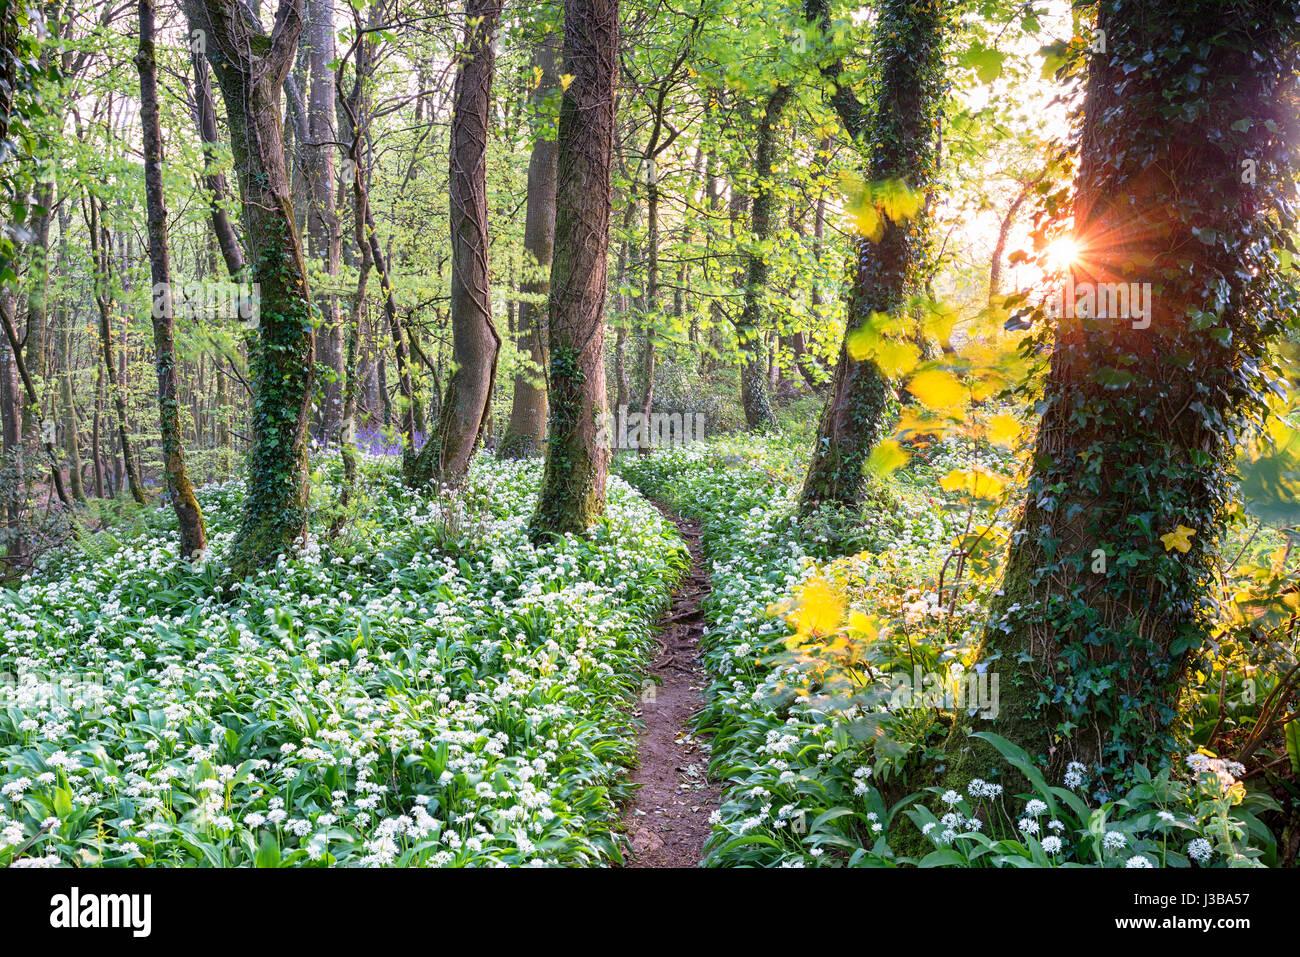 Un percorso attraverso aglio selvatico nei boschi vicino a Camborne in Cornovaglia Immagini Stock